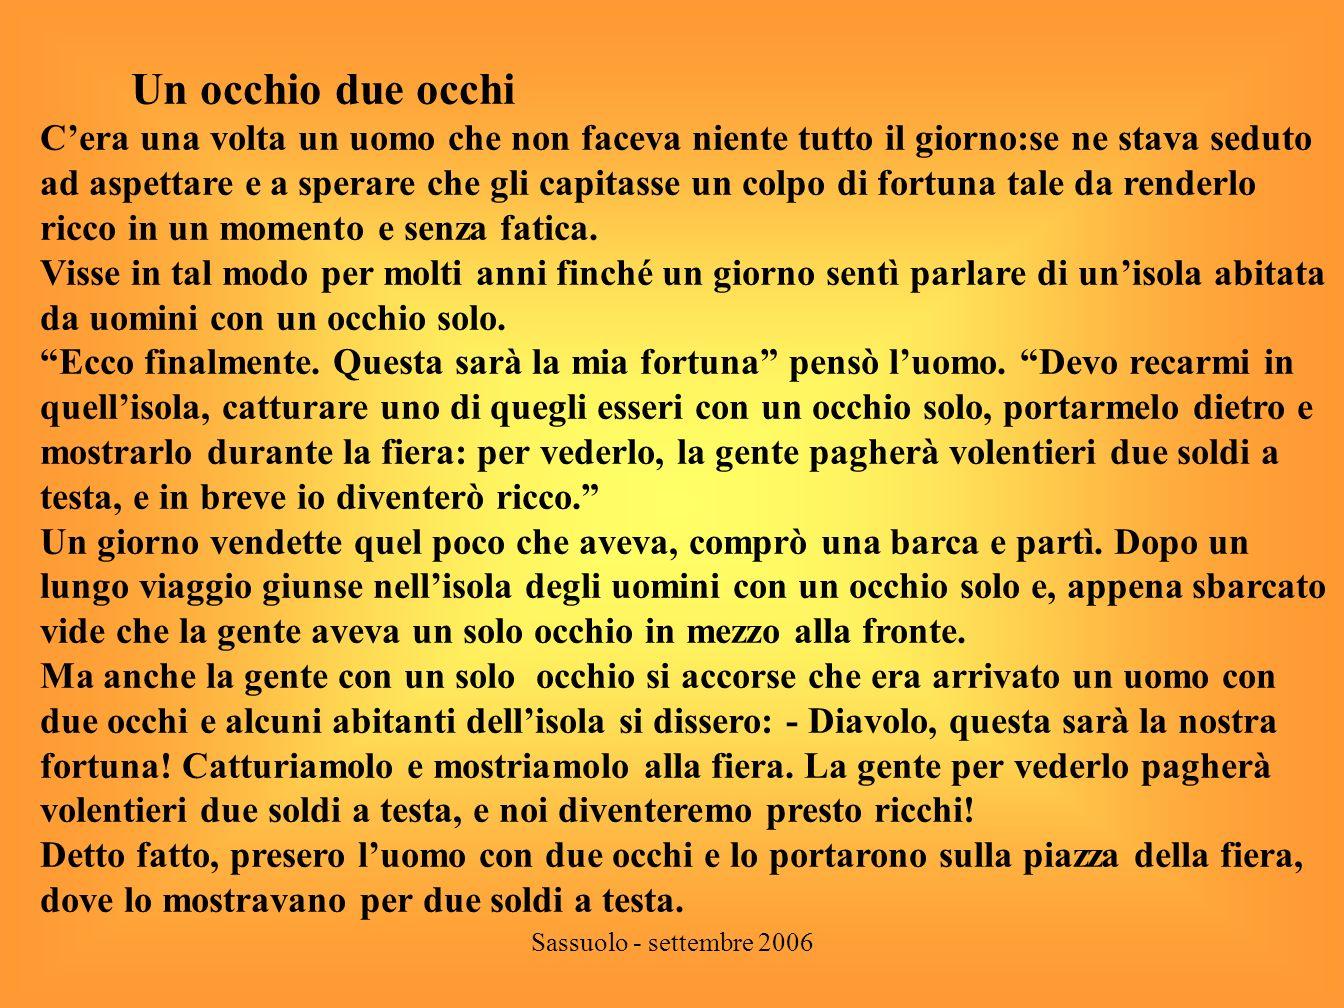 Sassuolo - settembre 2006 La scrittura